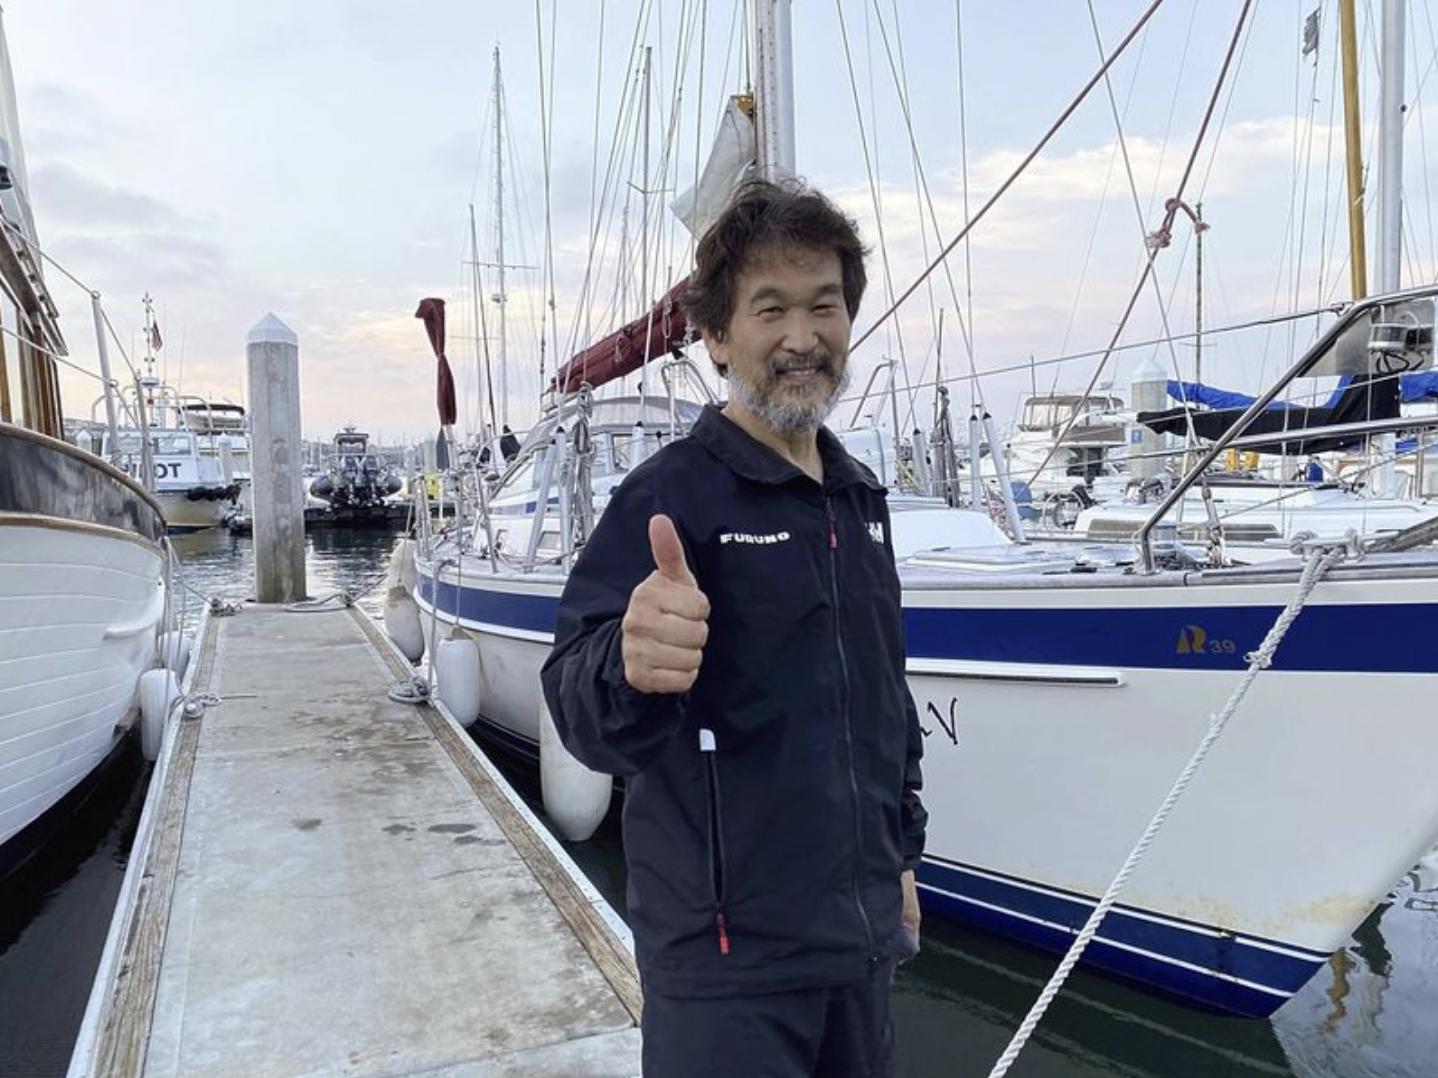 Jiro Shinbo arriving in San Diego